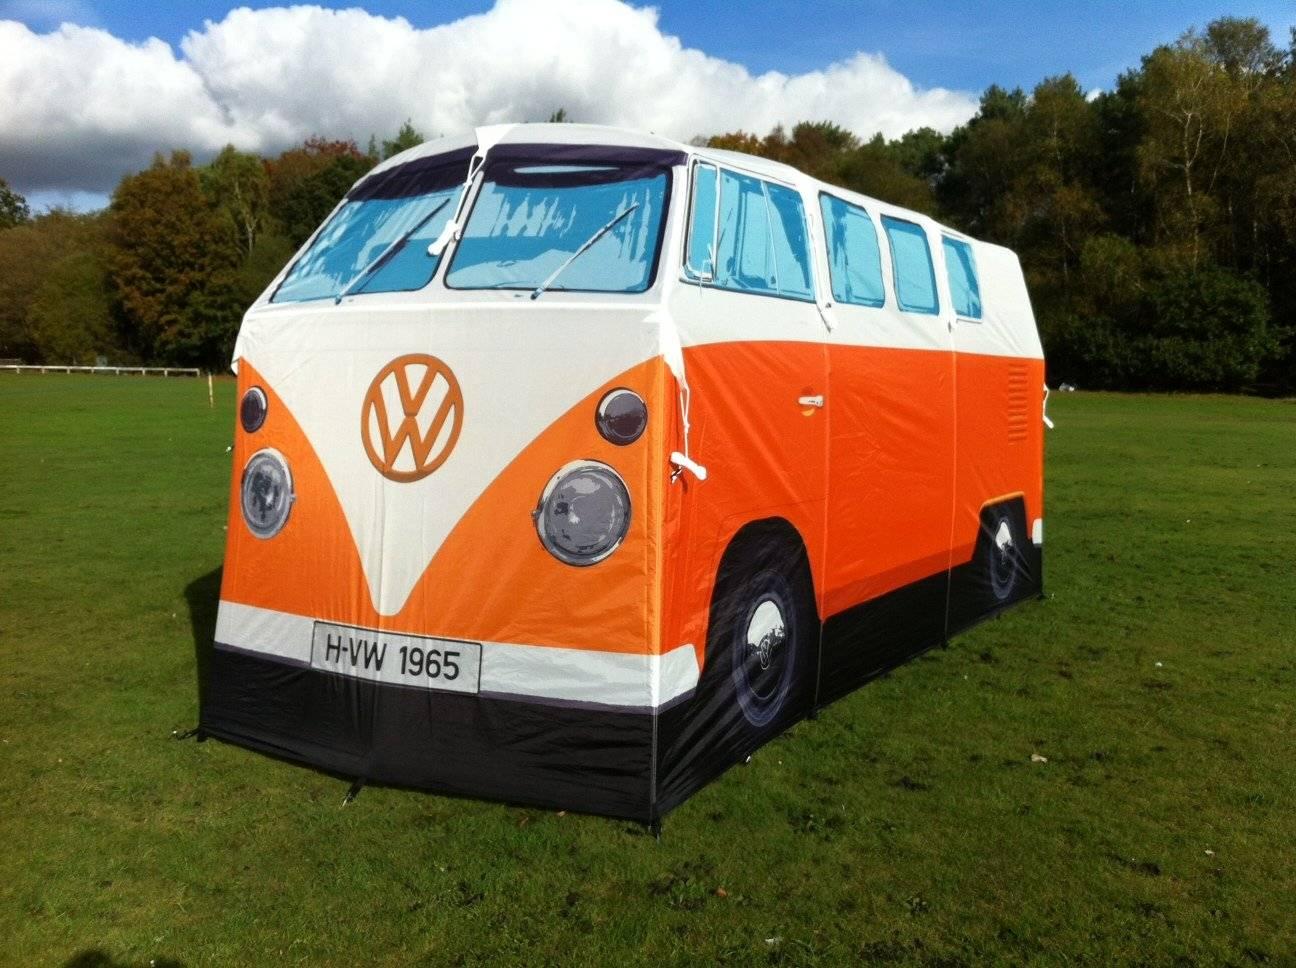 五款创意帐篷让你的户外露营生活变得更加有趣